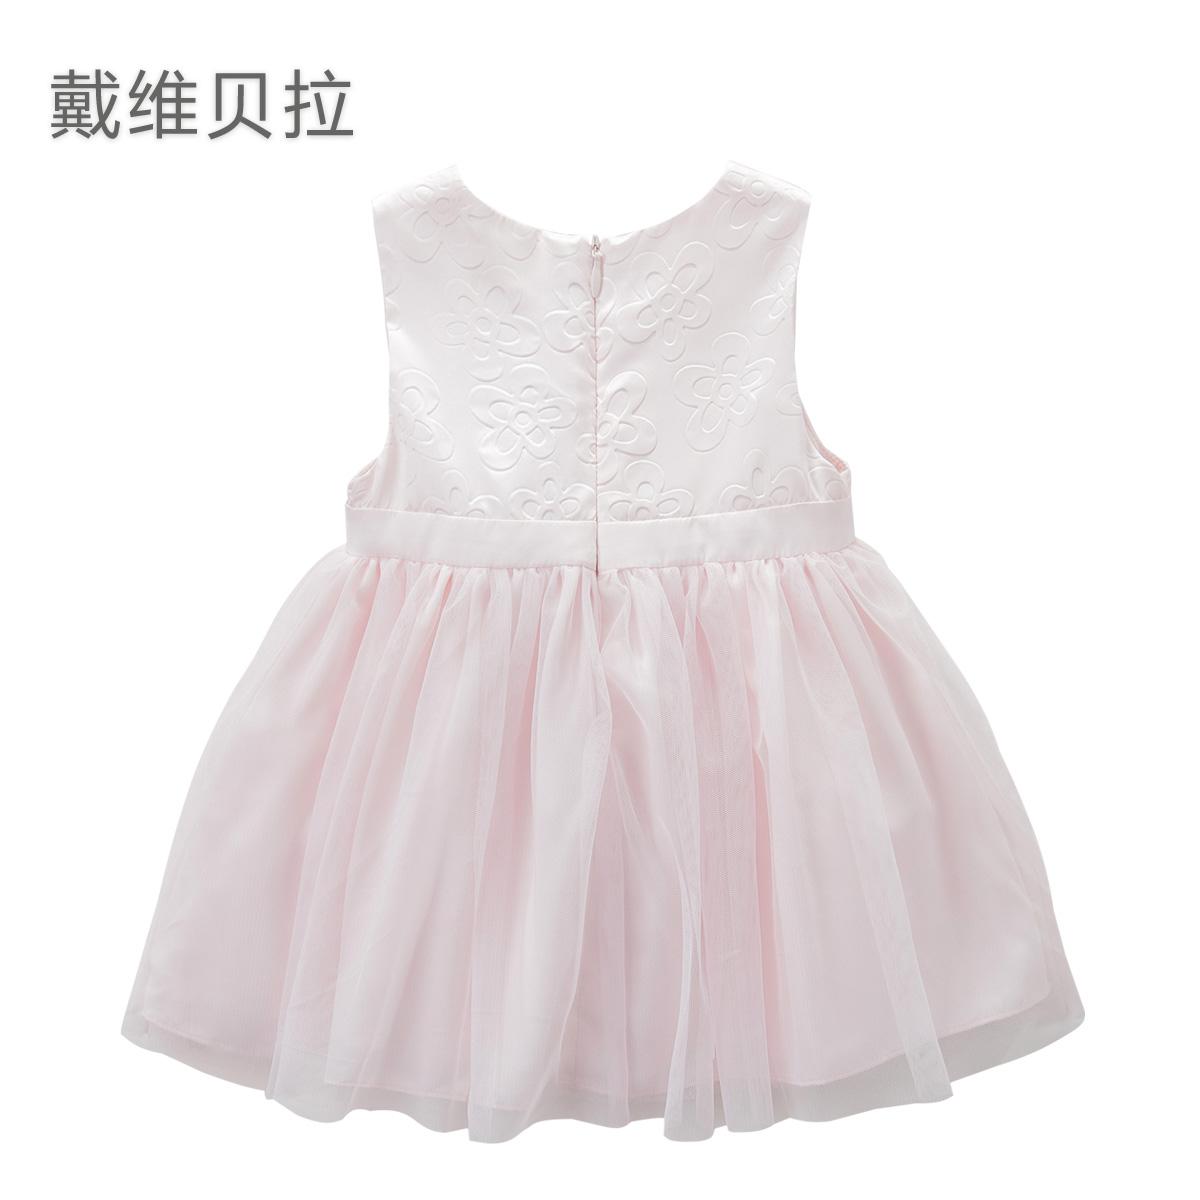 戴维贝拉davebella儿童装裙子 女童宝宝春装淑女两件套长袖连衣裙